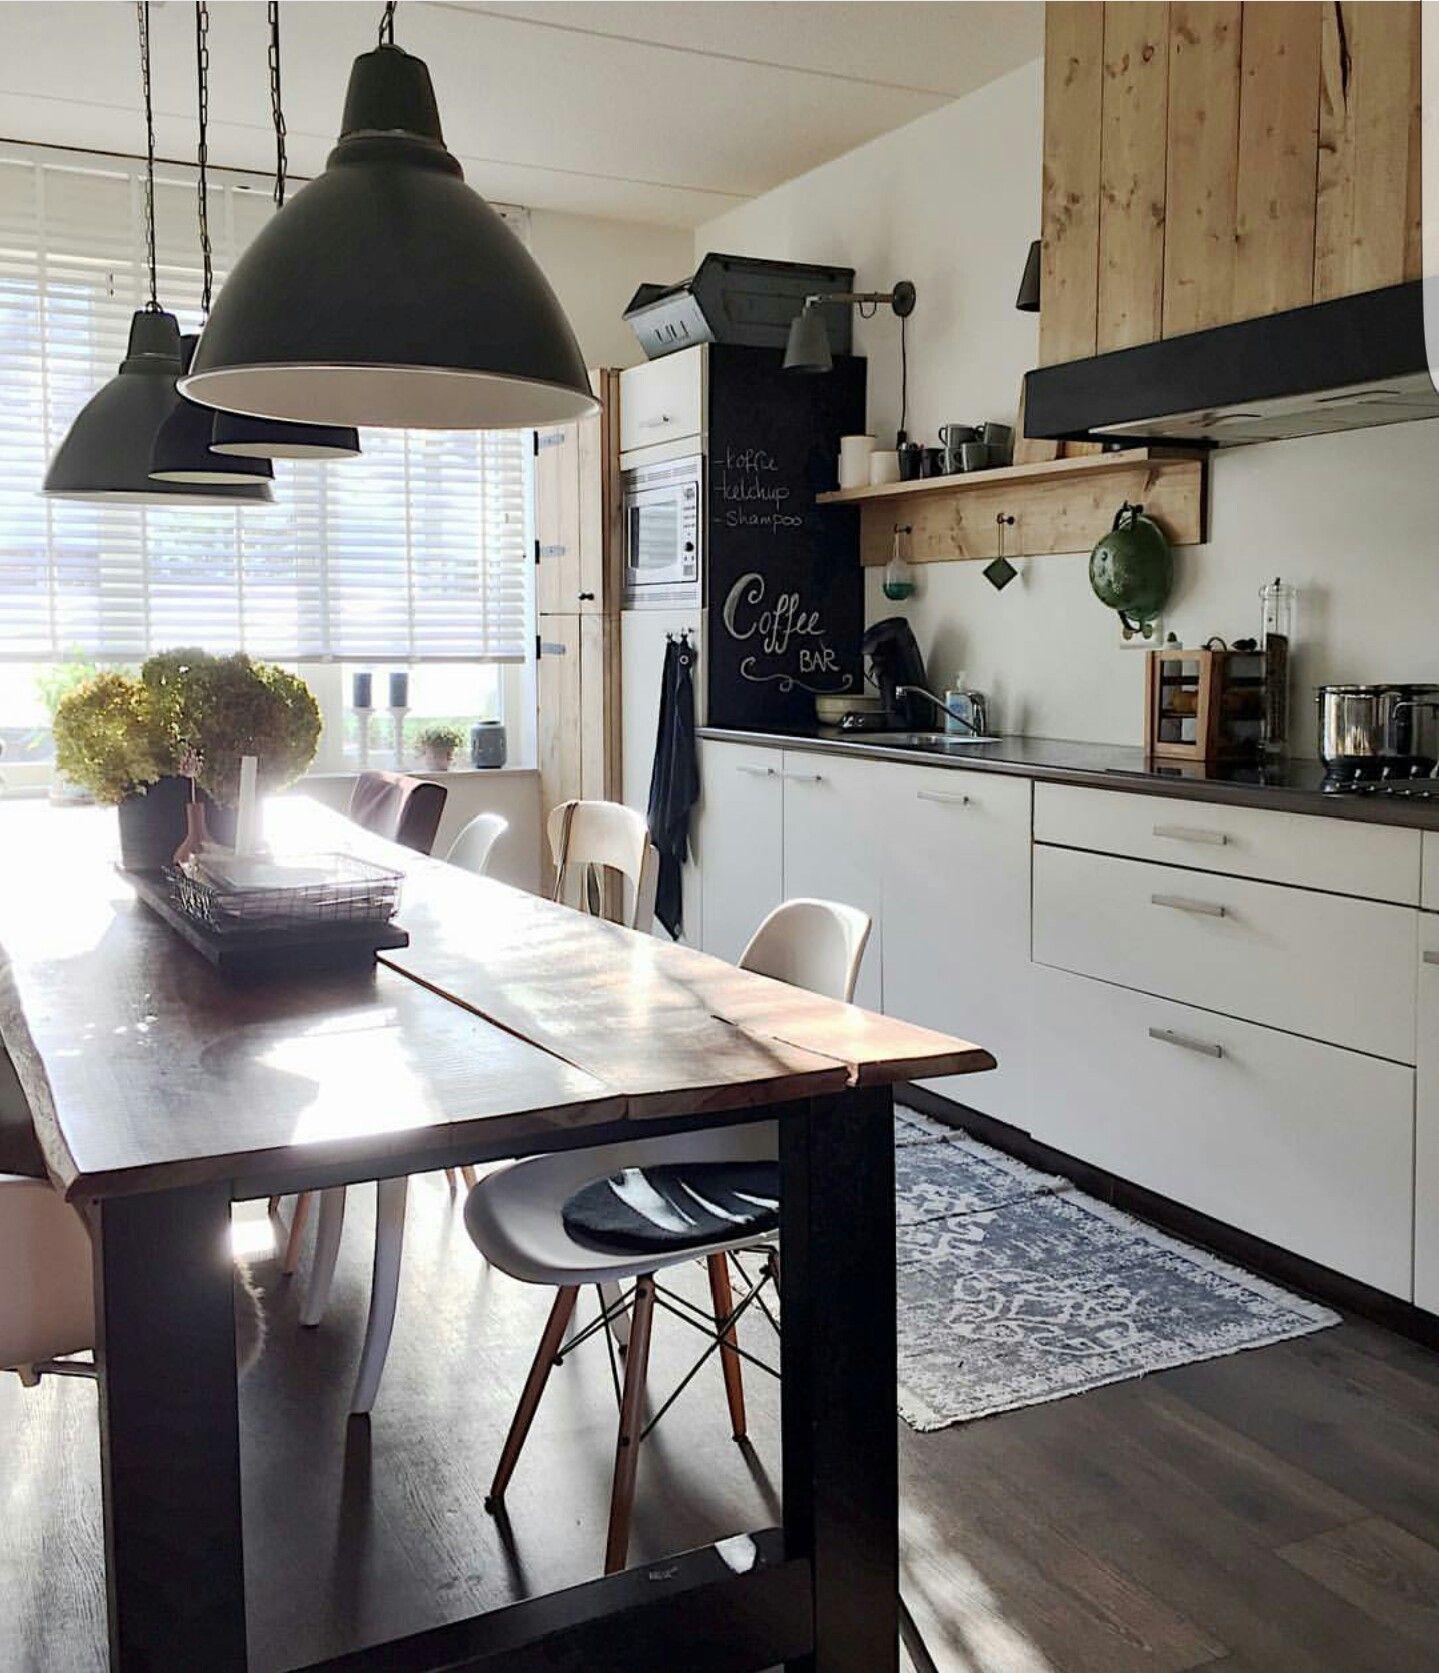 Kitchen Interior, Vans, Kitchens, Interiors, Instagram, Condos, Buns, Interieur, Kitchen